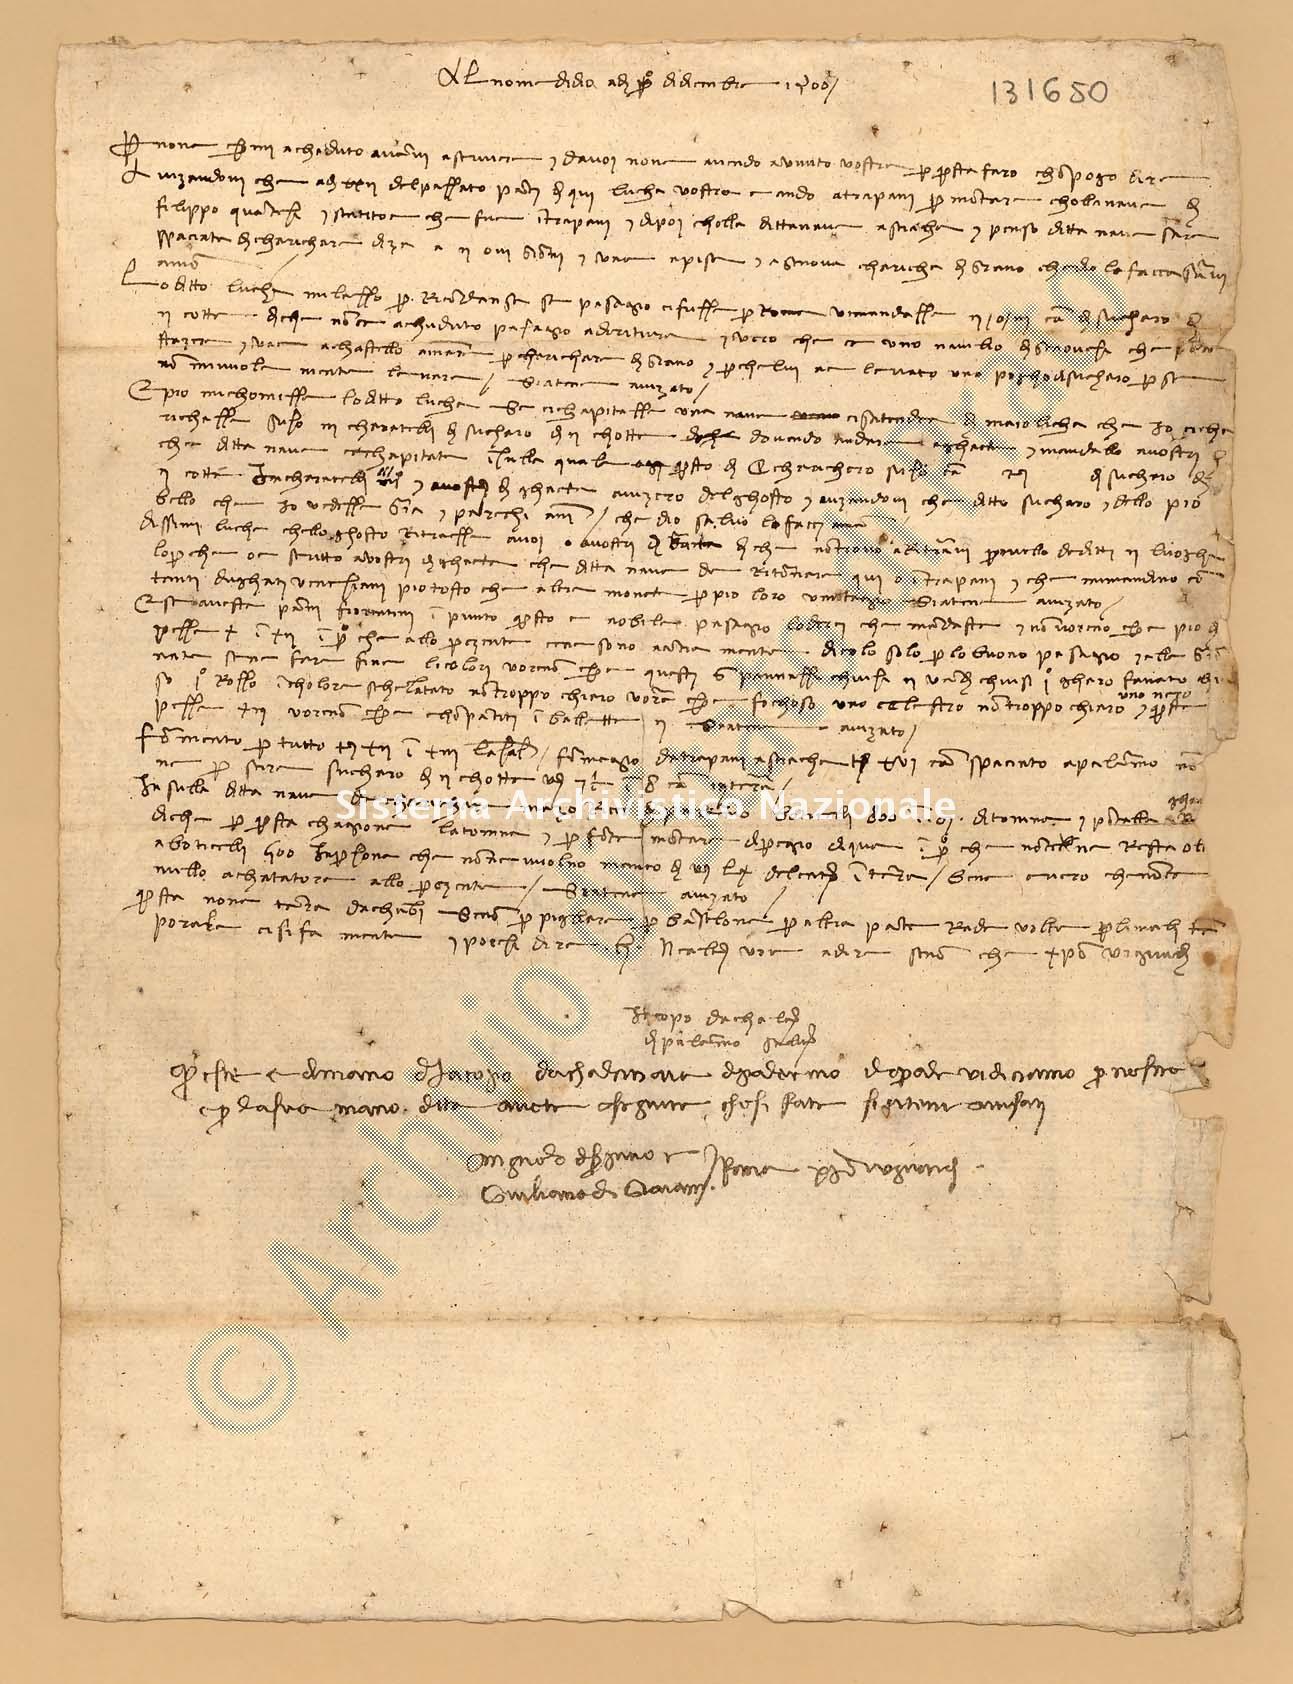 Archivio di Stato di Prato, Fondo Datini, Appendice al carteggio, 1116.238 Lettere Di Iacopo Da Calcinaia a Agnolo Di Ser Pino Di Vieri e Giuliano Di Giovanni e Comp. (busta 1116, inserto 238, codice 131650)